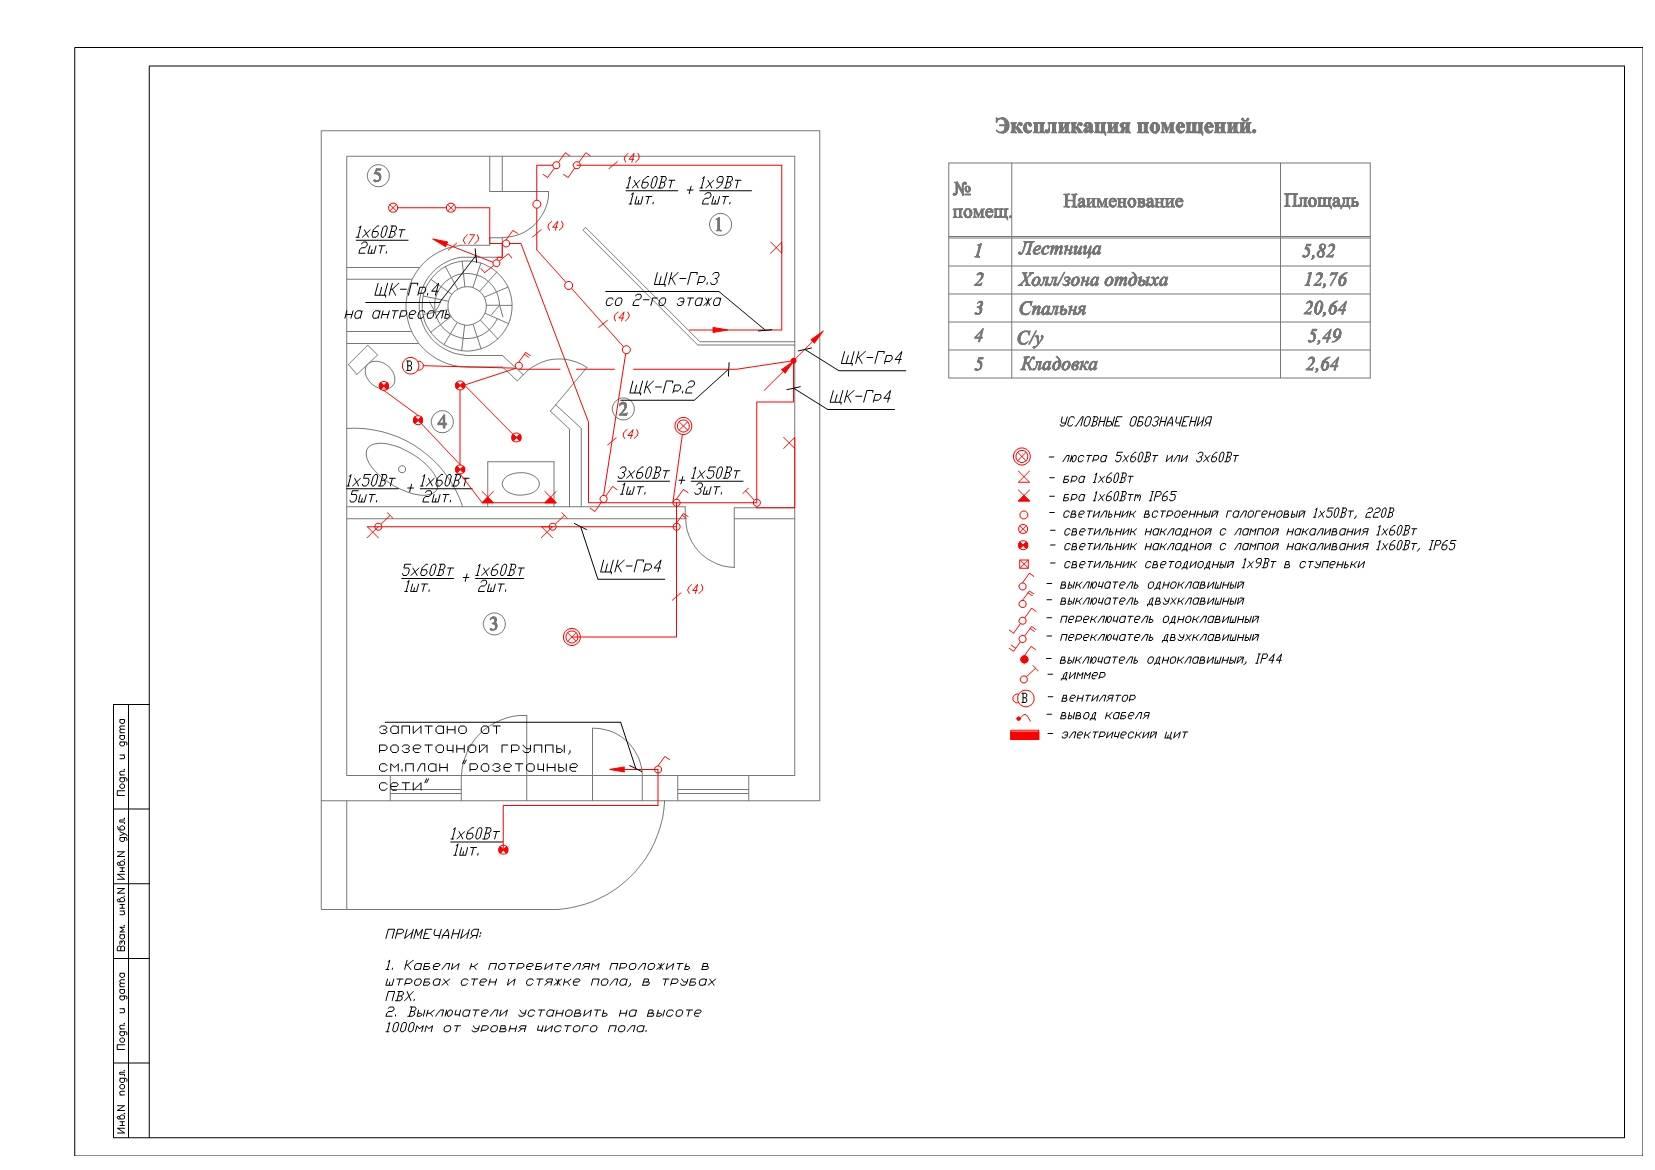 Принципиальная электрическая схема дома